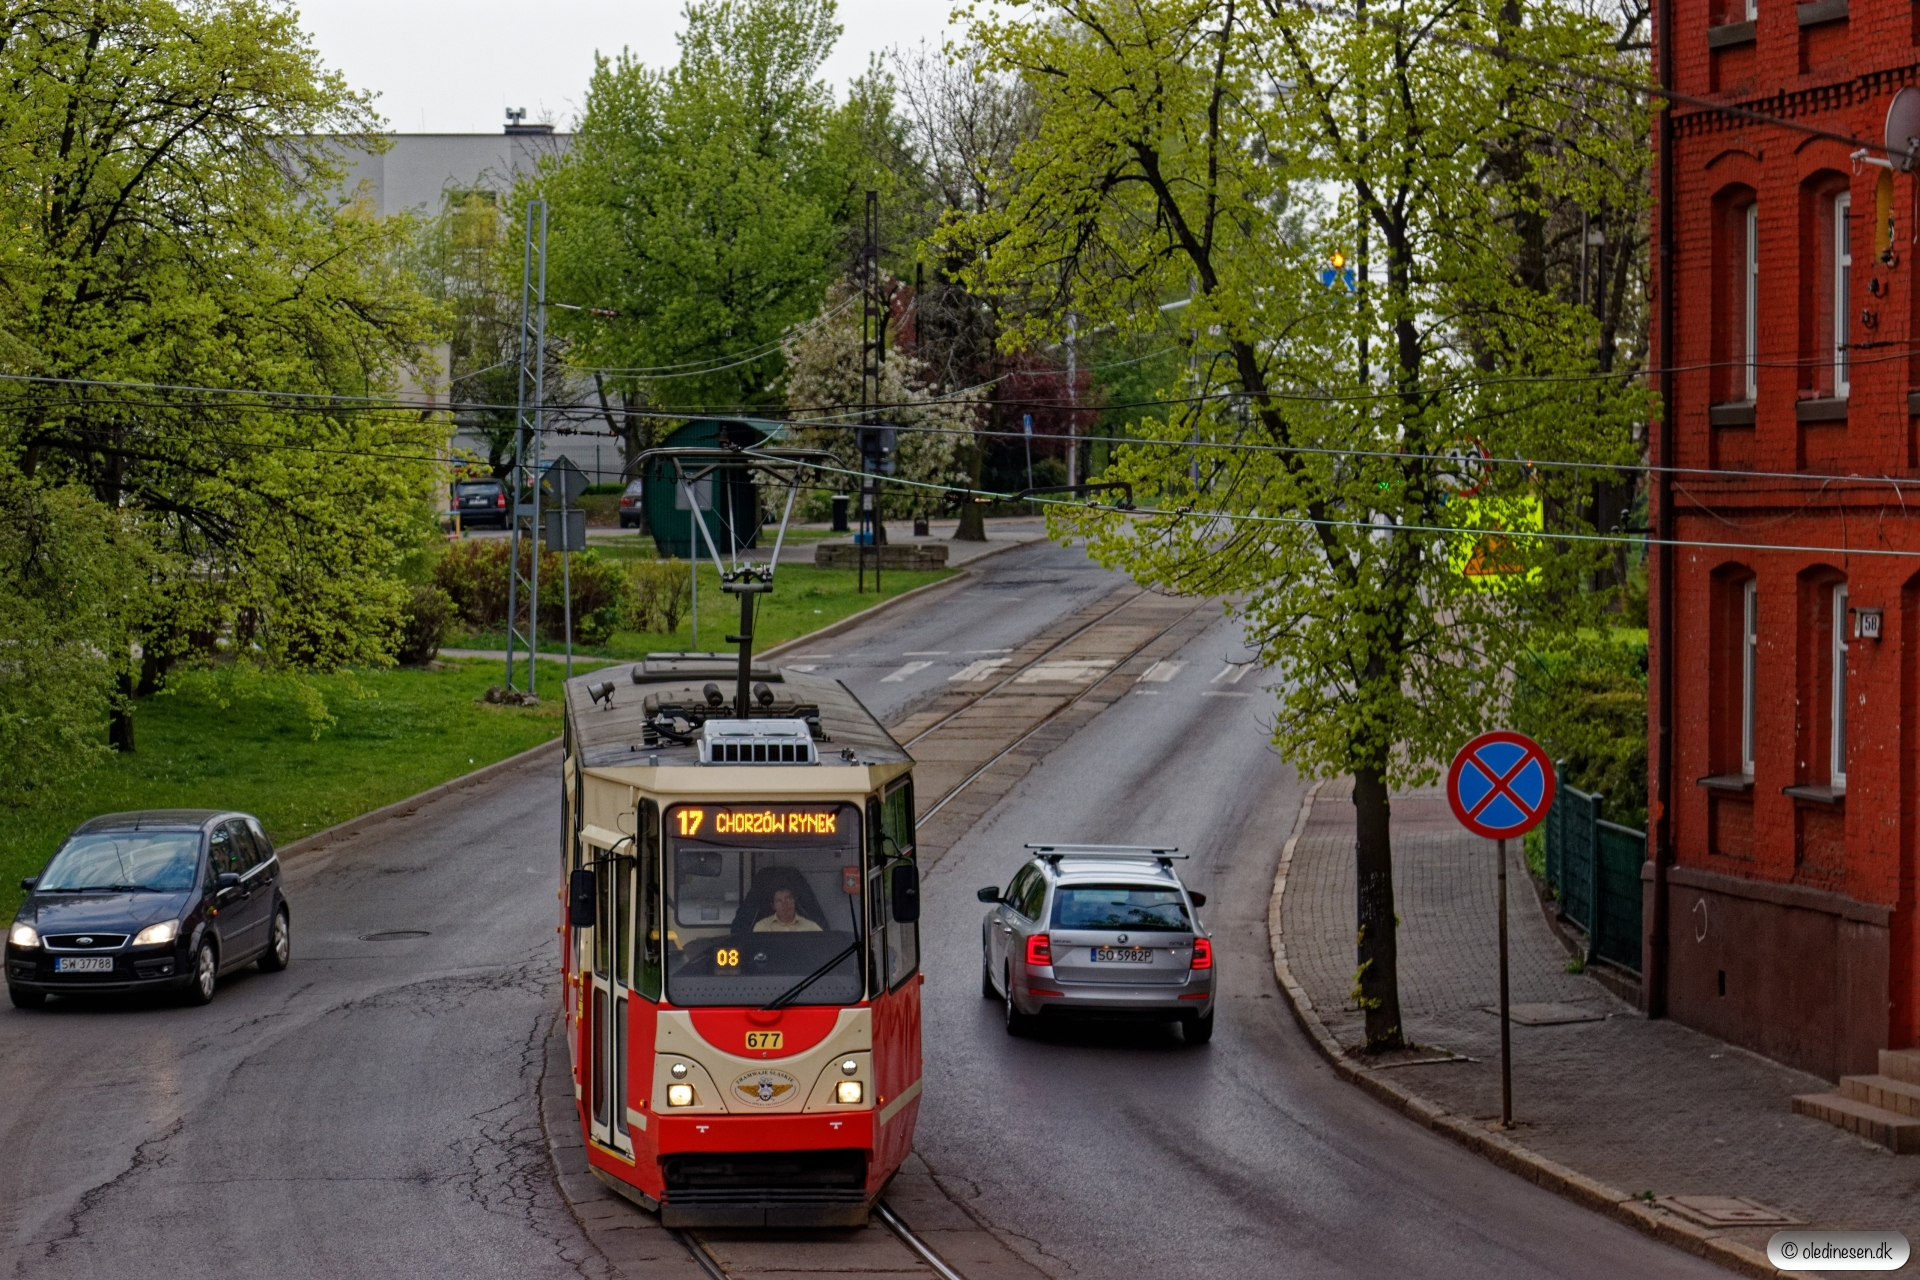 Tramwaje Śląskie 677. Chropaczów 24.04.2019 kl. 06.48.